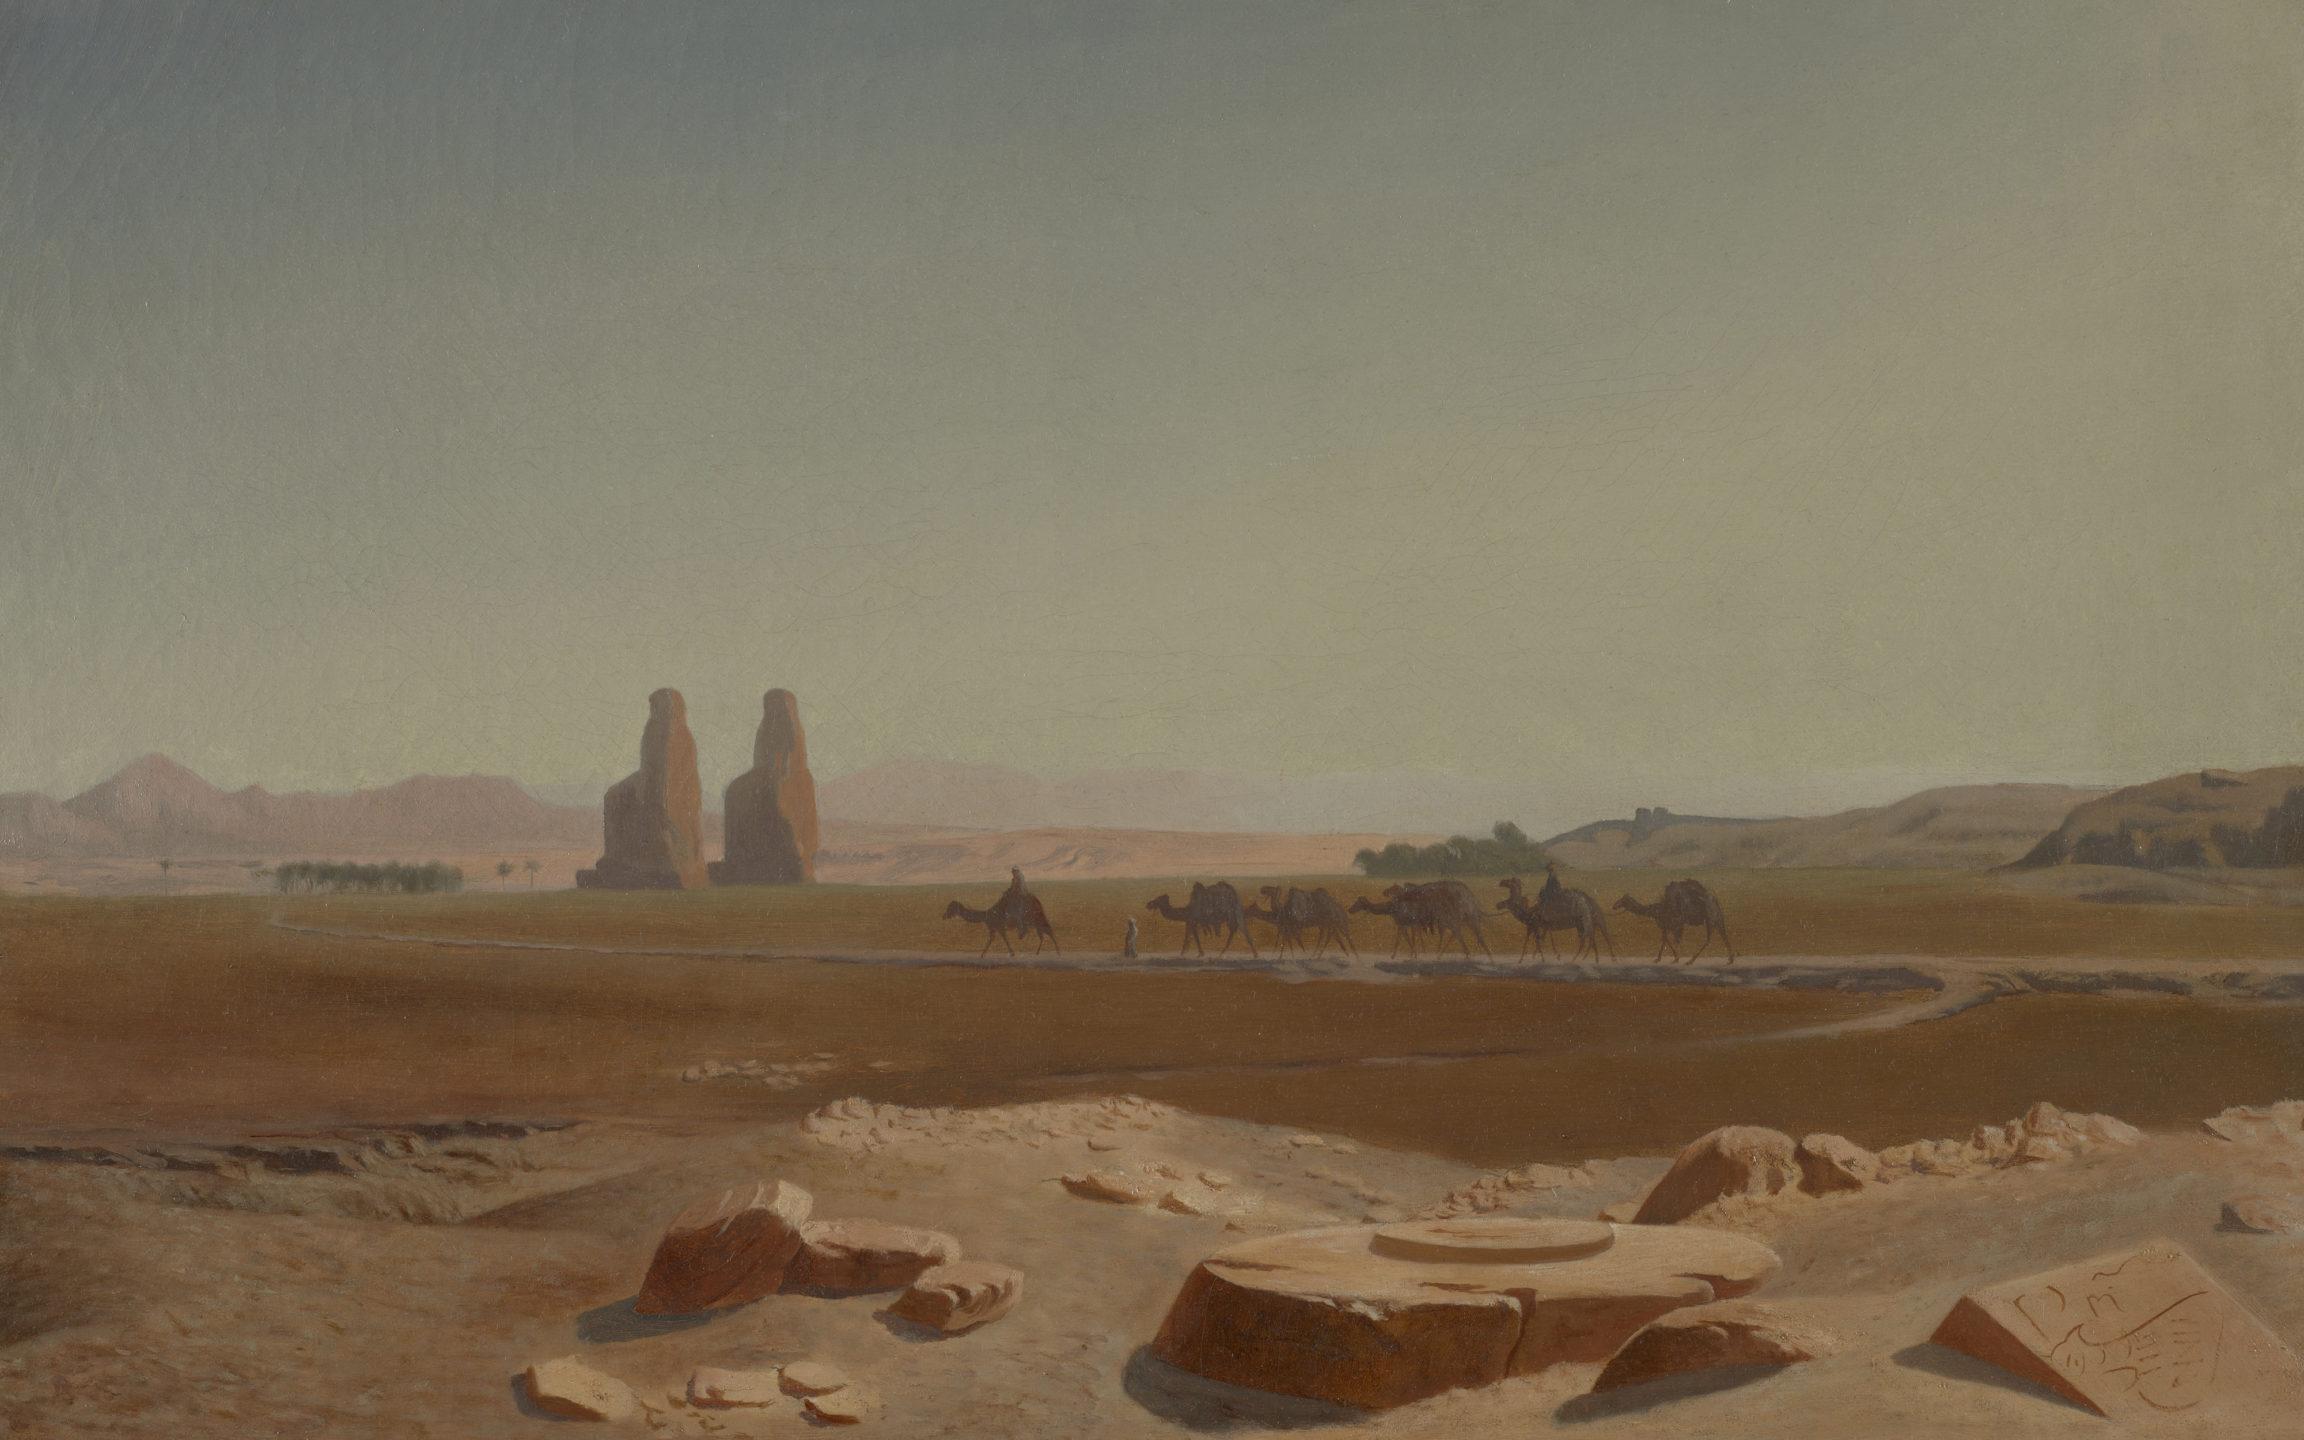 Jean-Léon Gérôme, Caravane passant près des colosses de Memnon. Thèbes, 1856